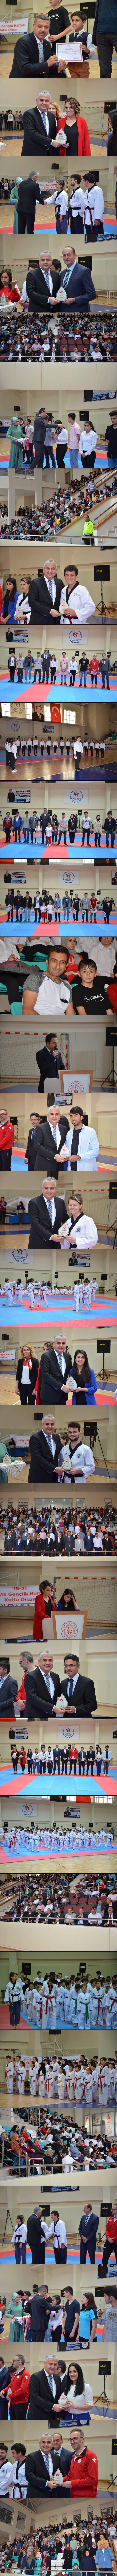 Milli Mücadelenin başlangıcının 100. yıl dönümü olan 19 Mayıs Atatürk'ü Anma, Gençlik ve Spor Bayramını Prof. Dr. Necmettin Erbakan Spor Salonu'nda düzenlenen törende kutlanıldı.